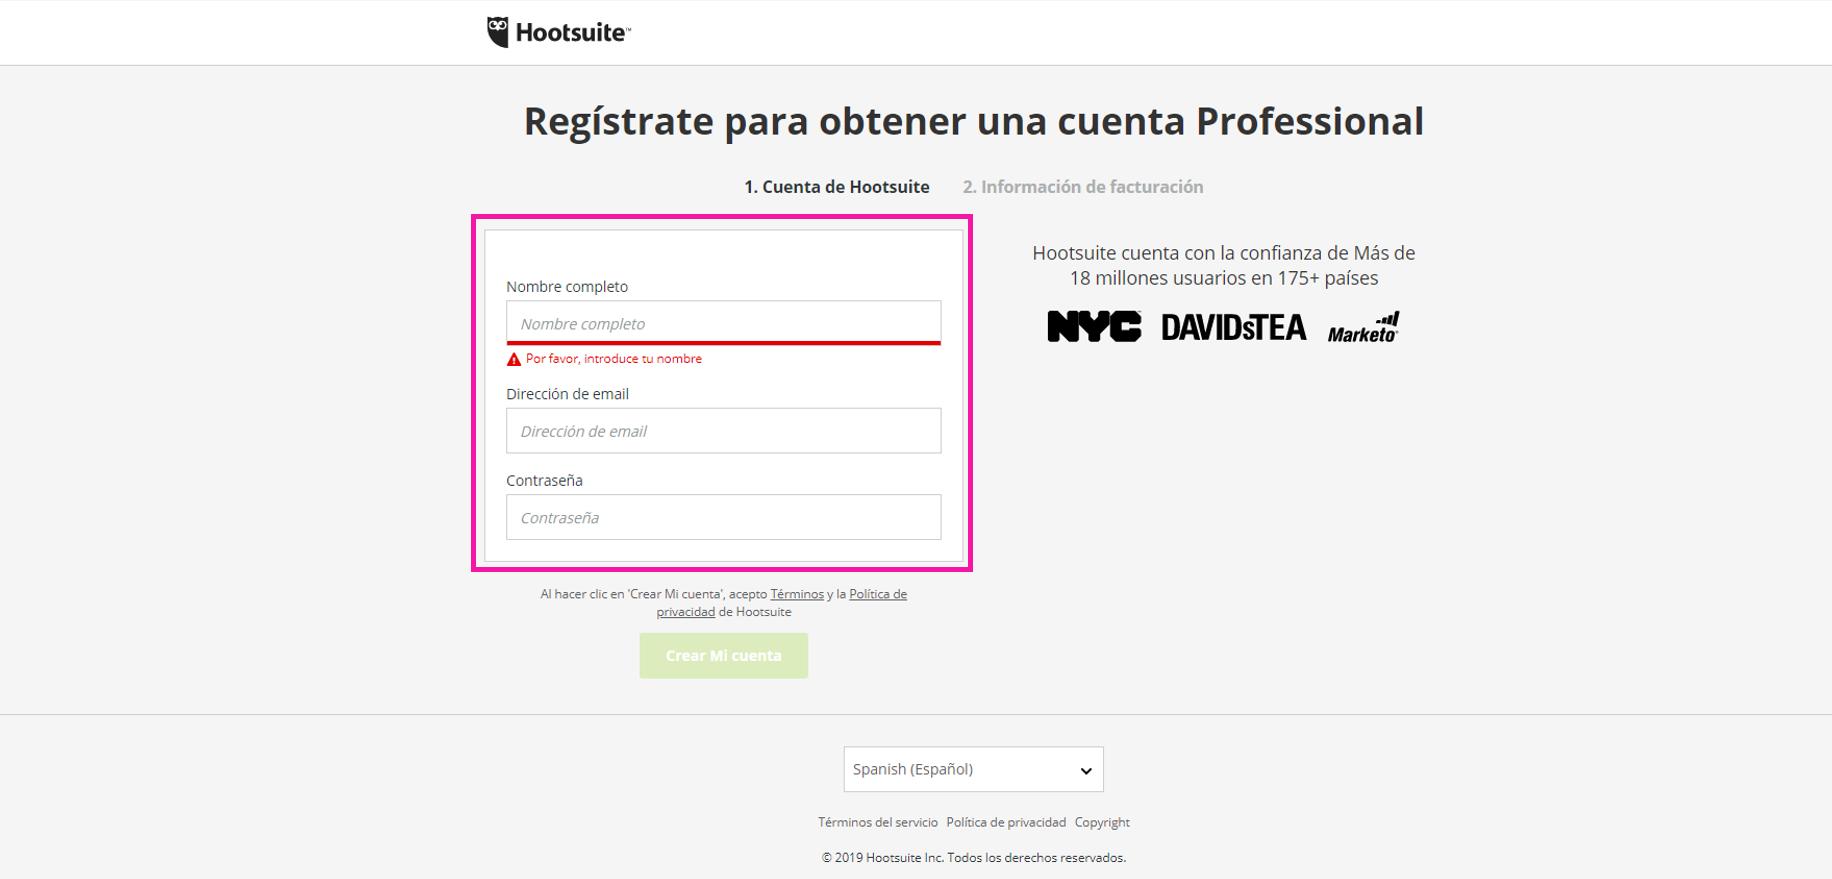 Captura de pantalla de formulario de registro